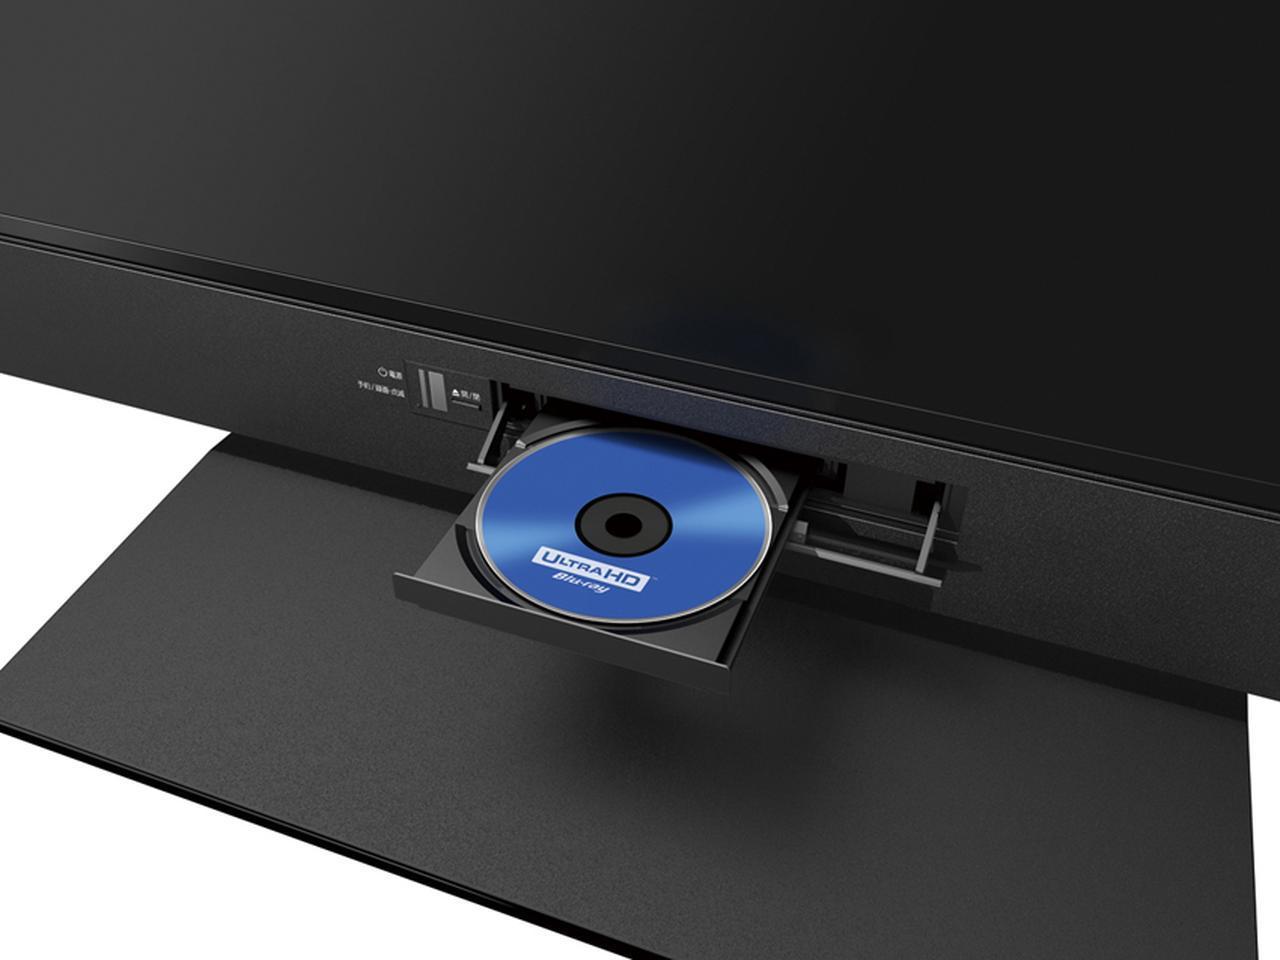 画像: 2TバイトのHDDに加え、UHD BDプレーヤー機能を備えたBDレコーダーを内蔵。HDDに録画した番組をBDに残すことも可能。